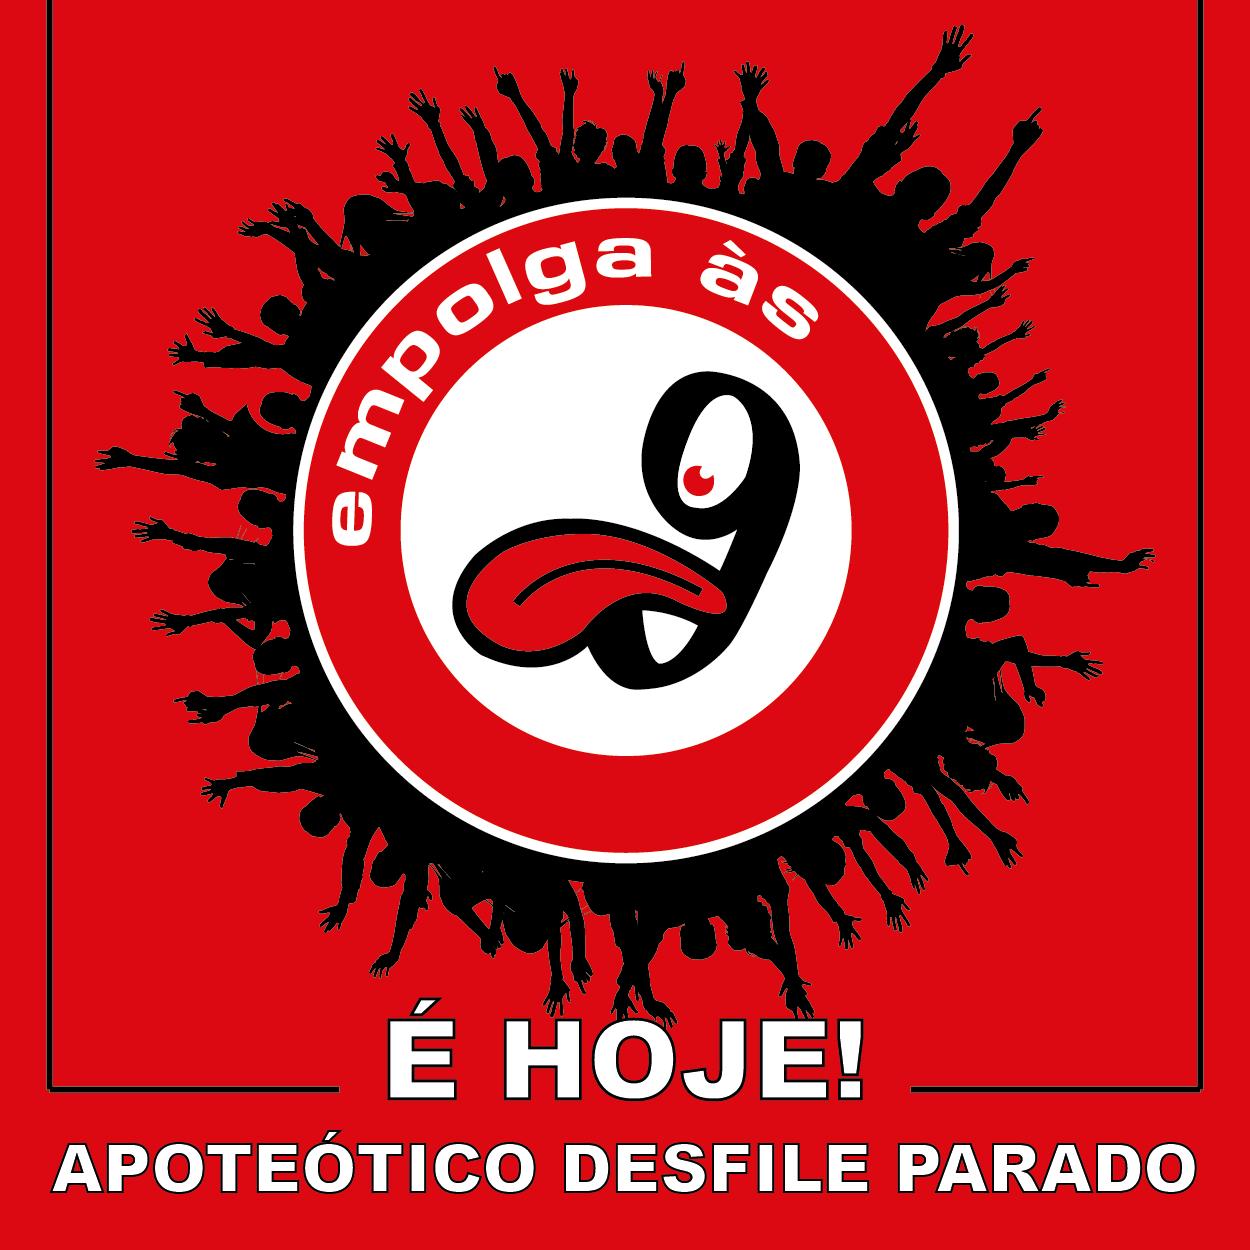 Apoteótico Desfile Parado em Ipanema